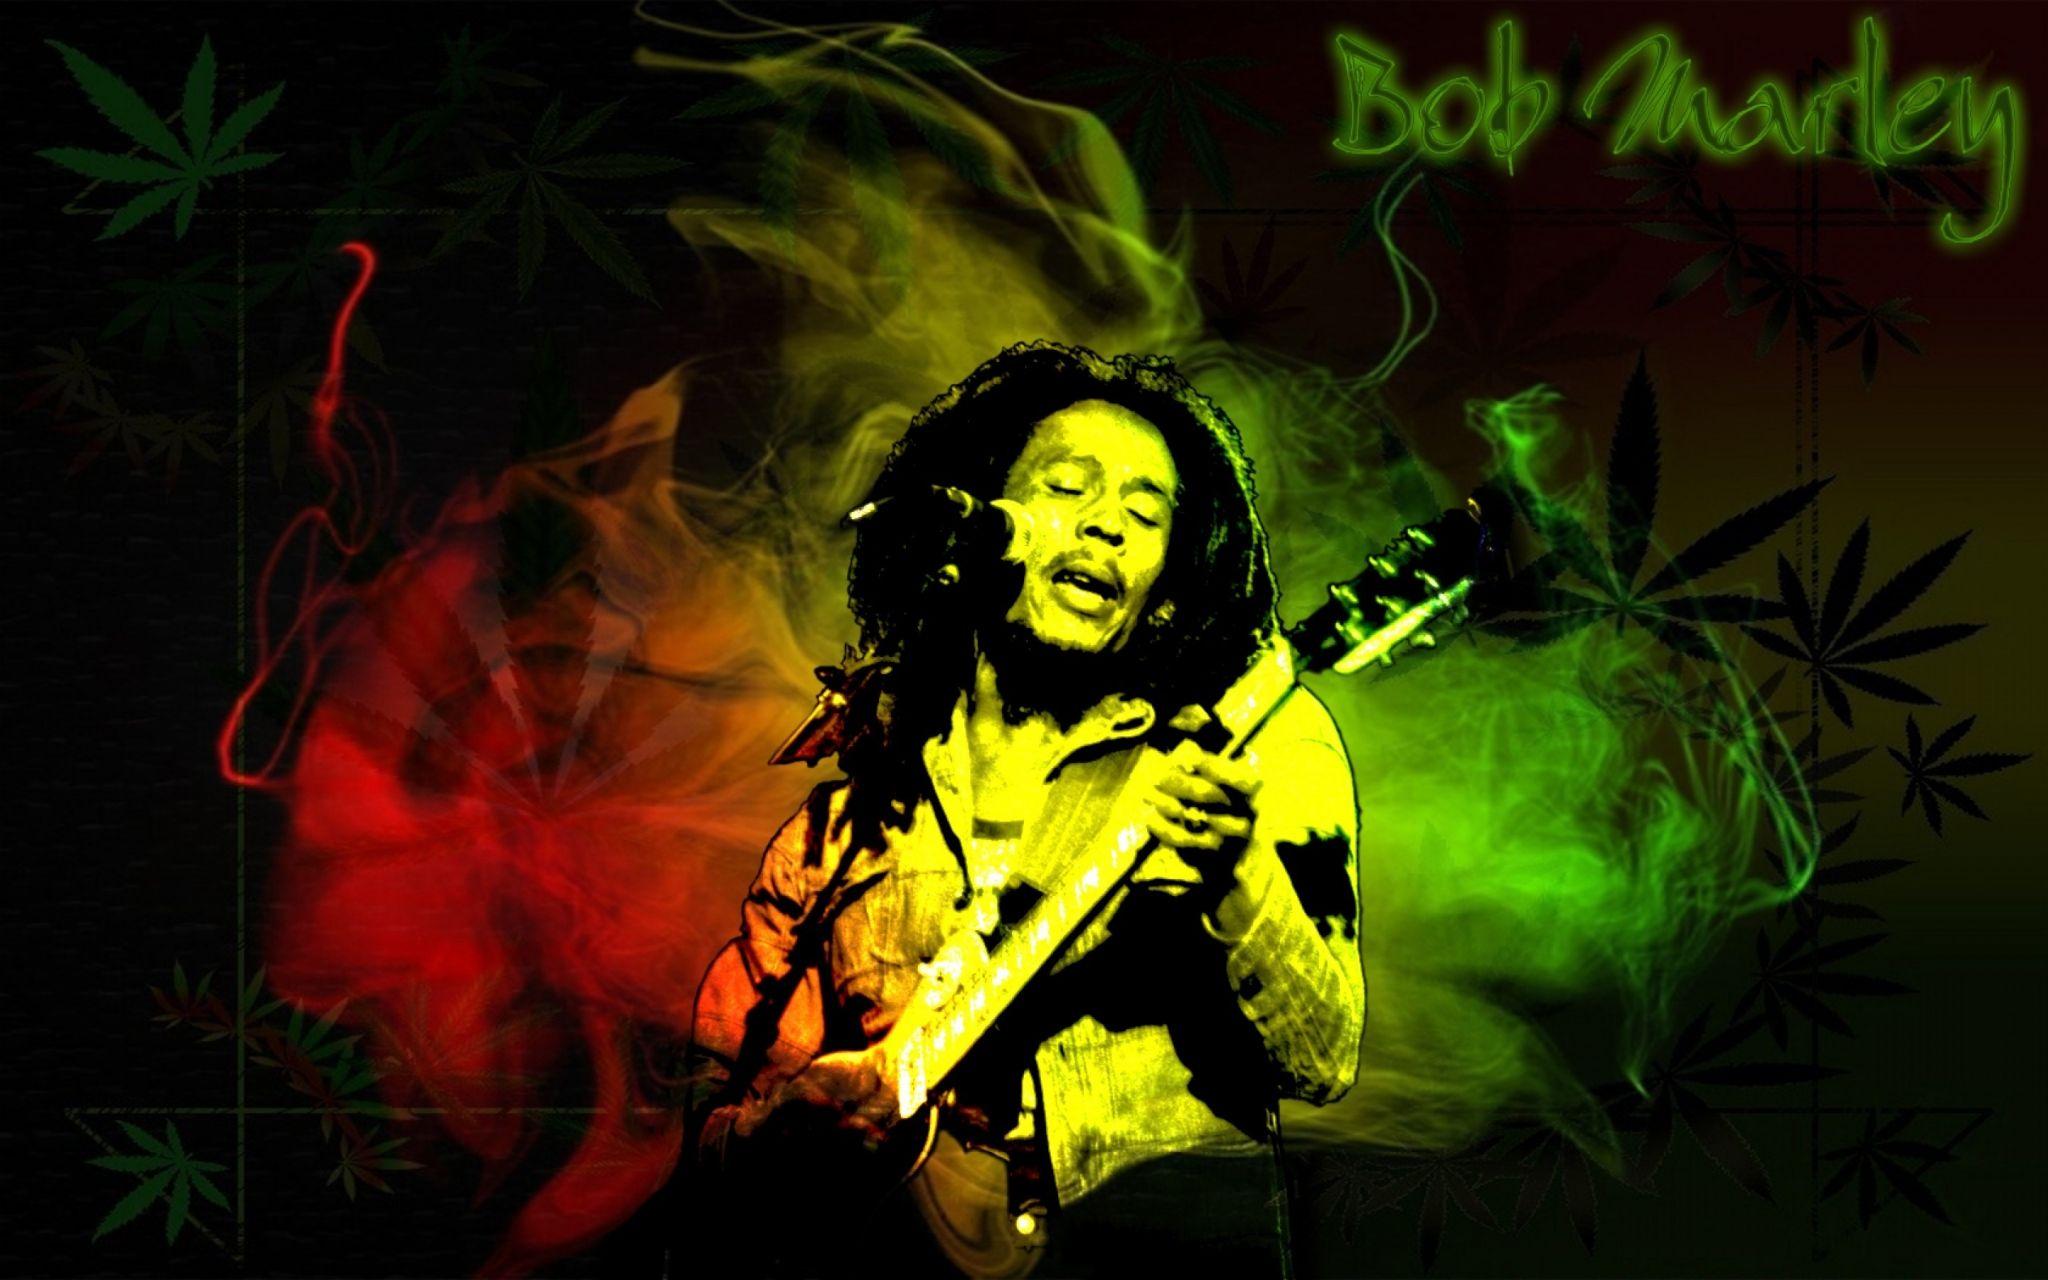 Bob Marley Desktop Wallpaper Hd Wallpapers Bob Marley Pictures Bob Marley Poster Bob Marley